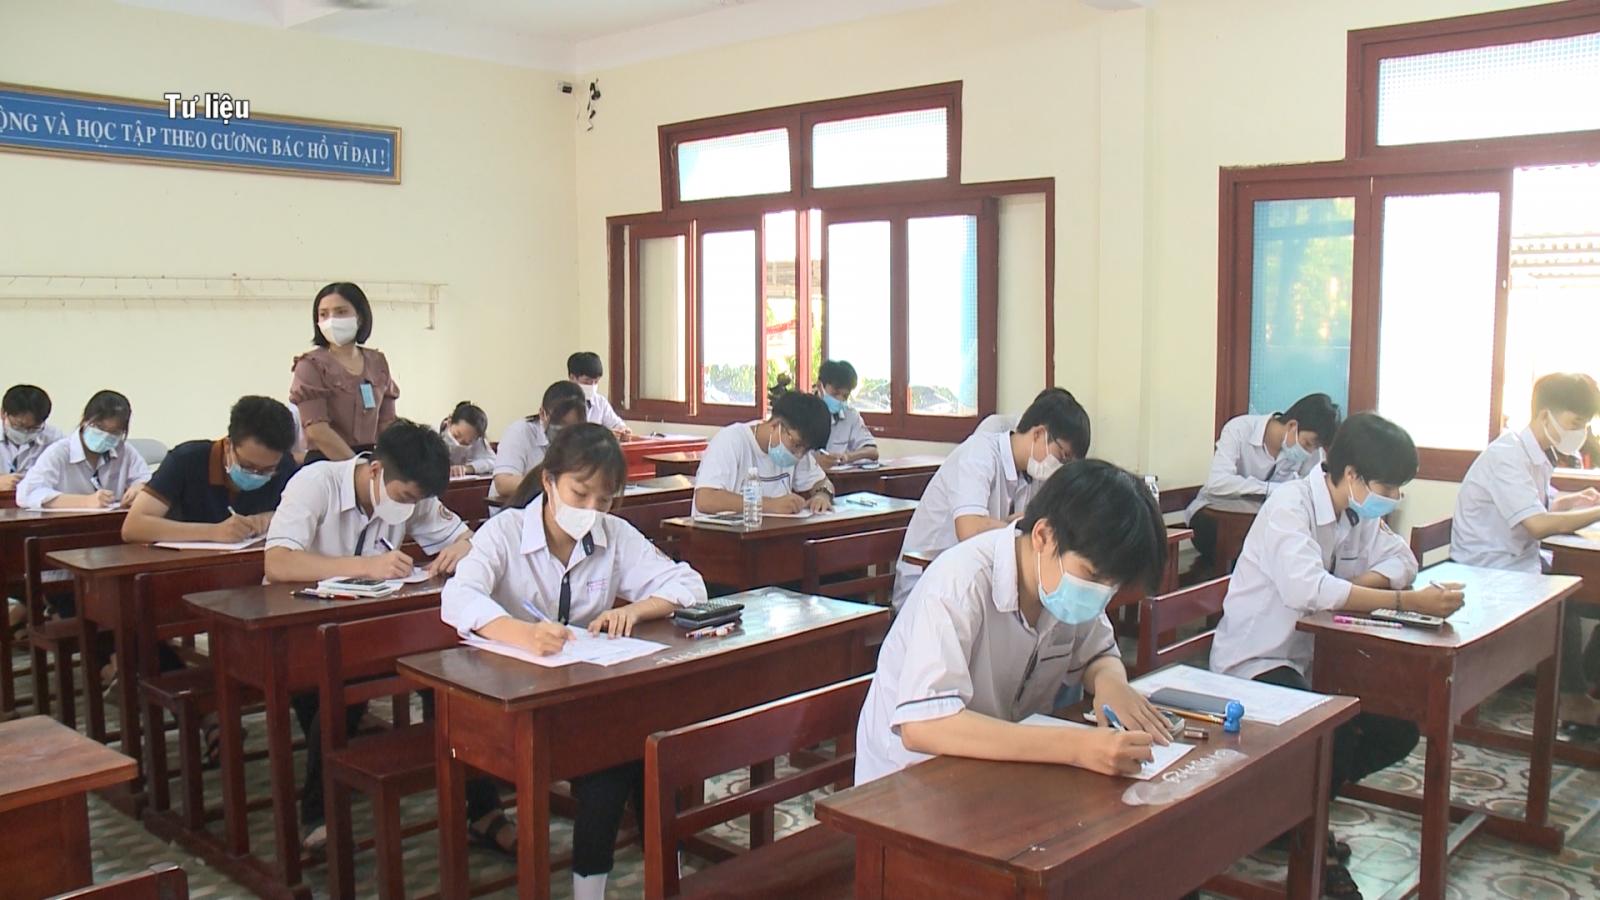 Quảng Bình: Tỷ lệ học sinh tốt nghiệp THPT năm 2021 đạt 97,89%